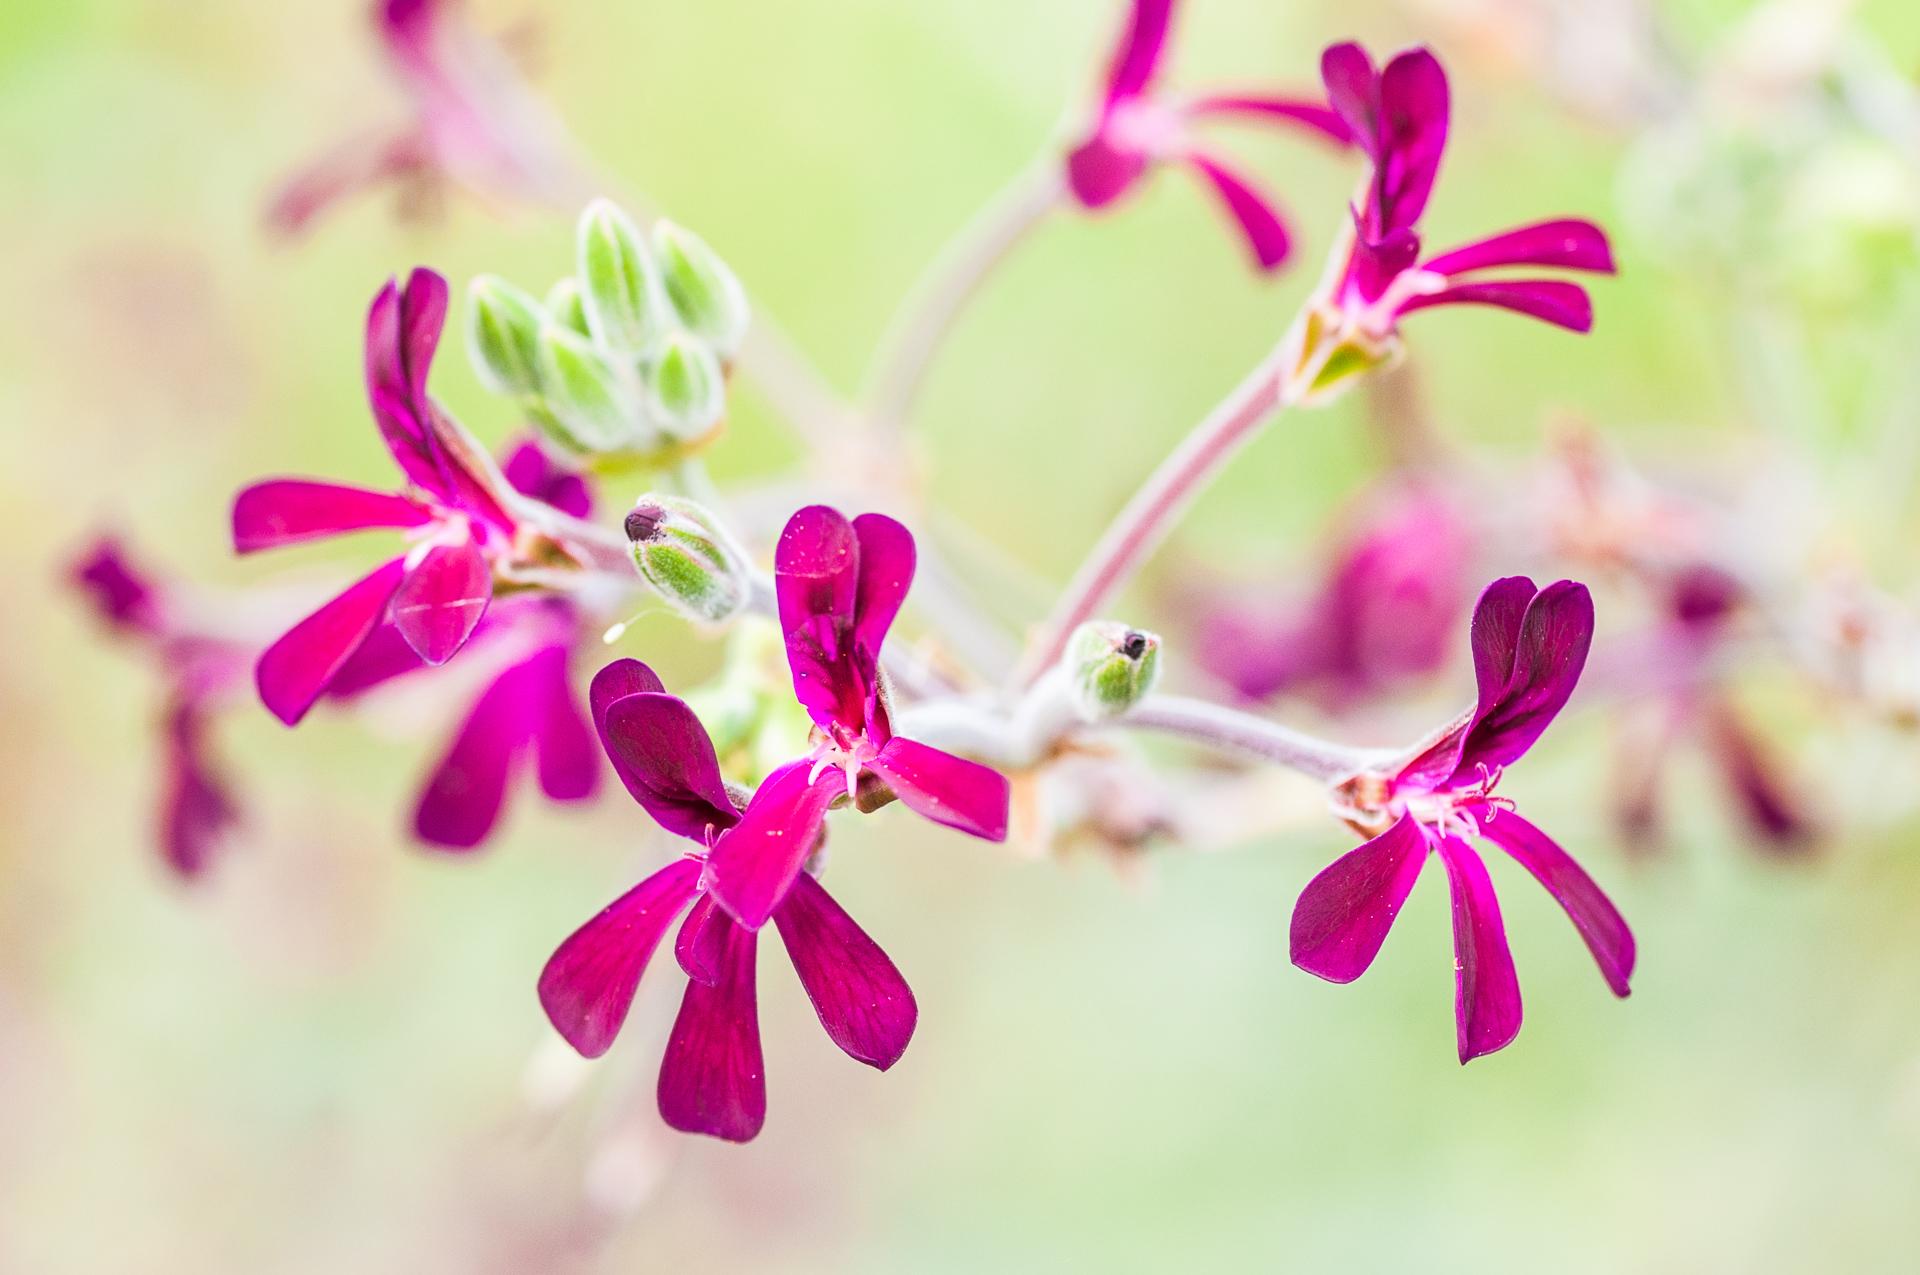 Pelargonium-sidoides-Umckaloabo-4